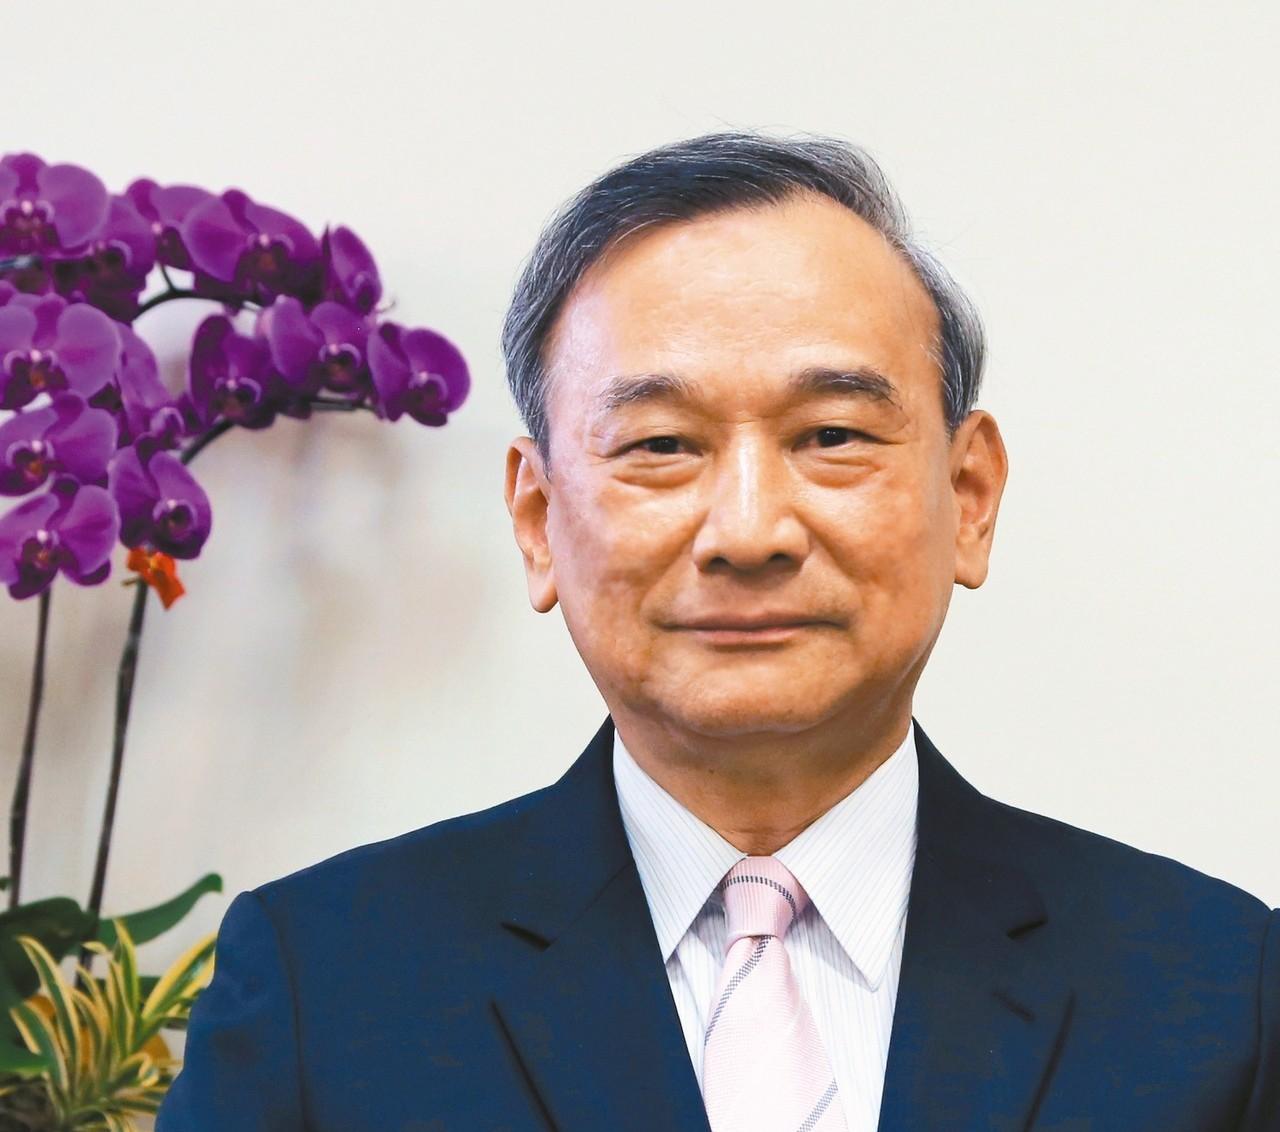 法務部次長陳明堂 法務部/提供